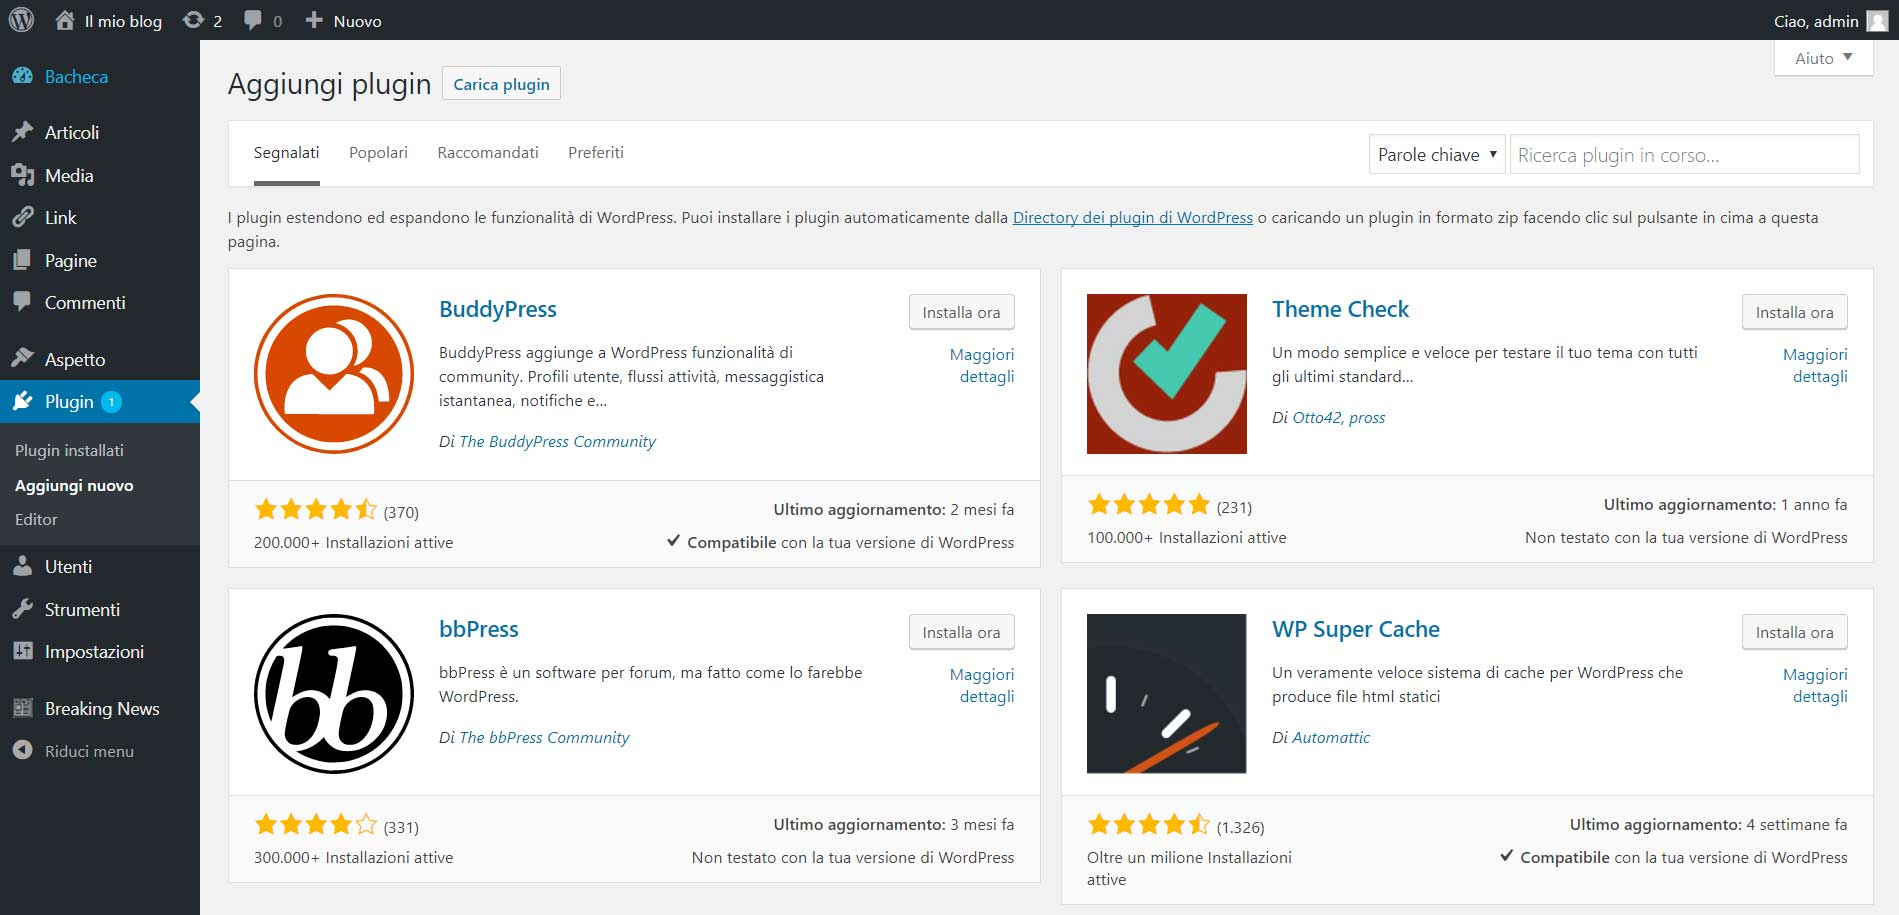 Aggiungi plugin dalla directory di WordPress.